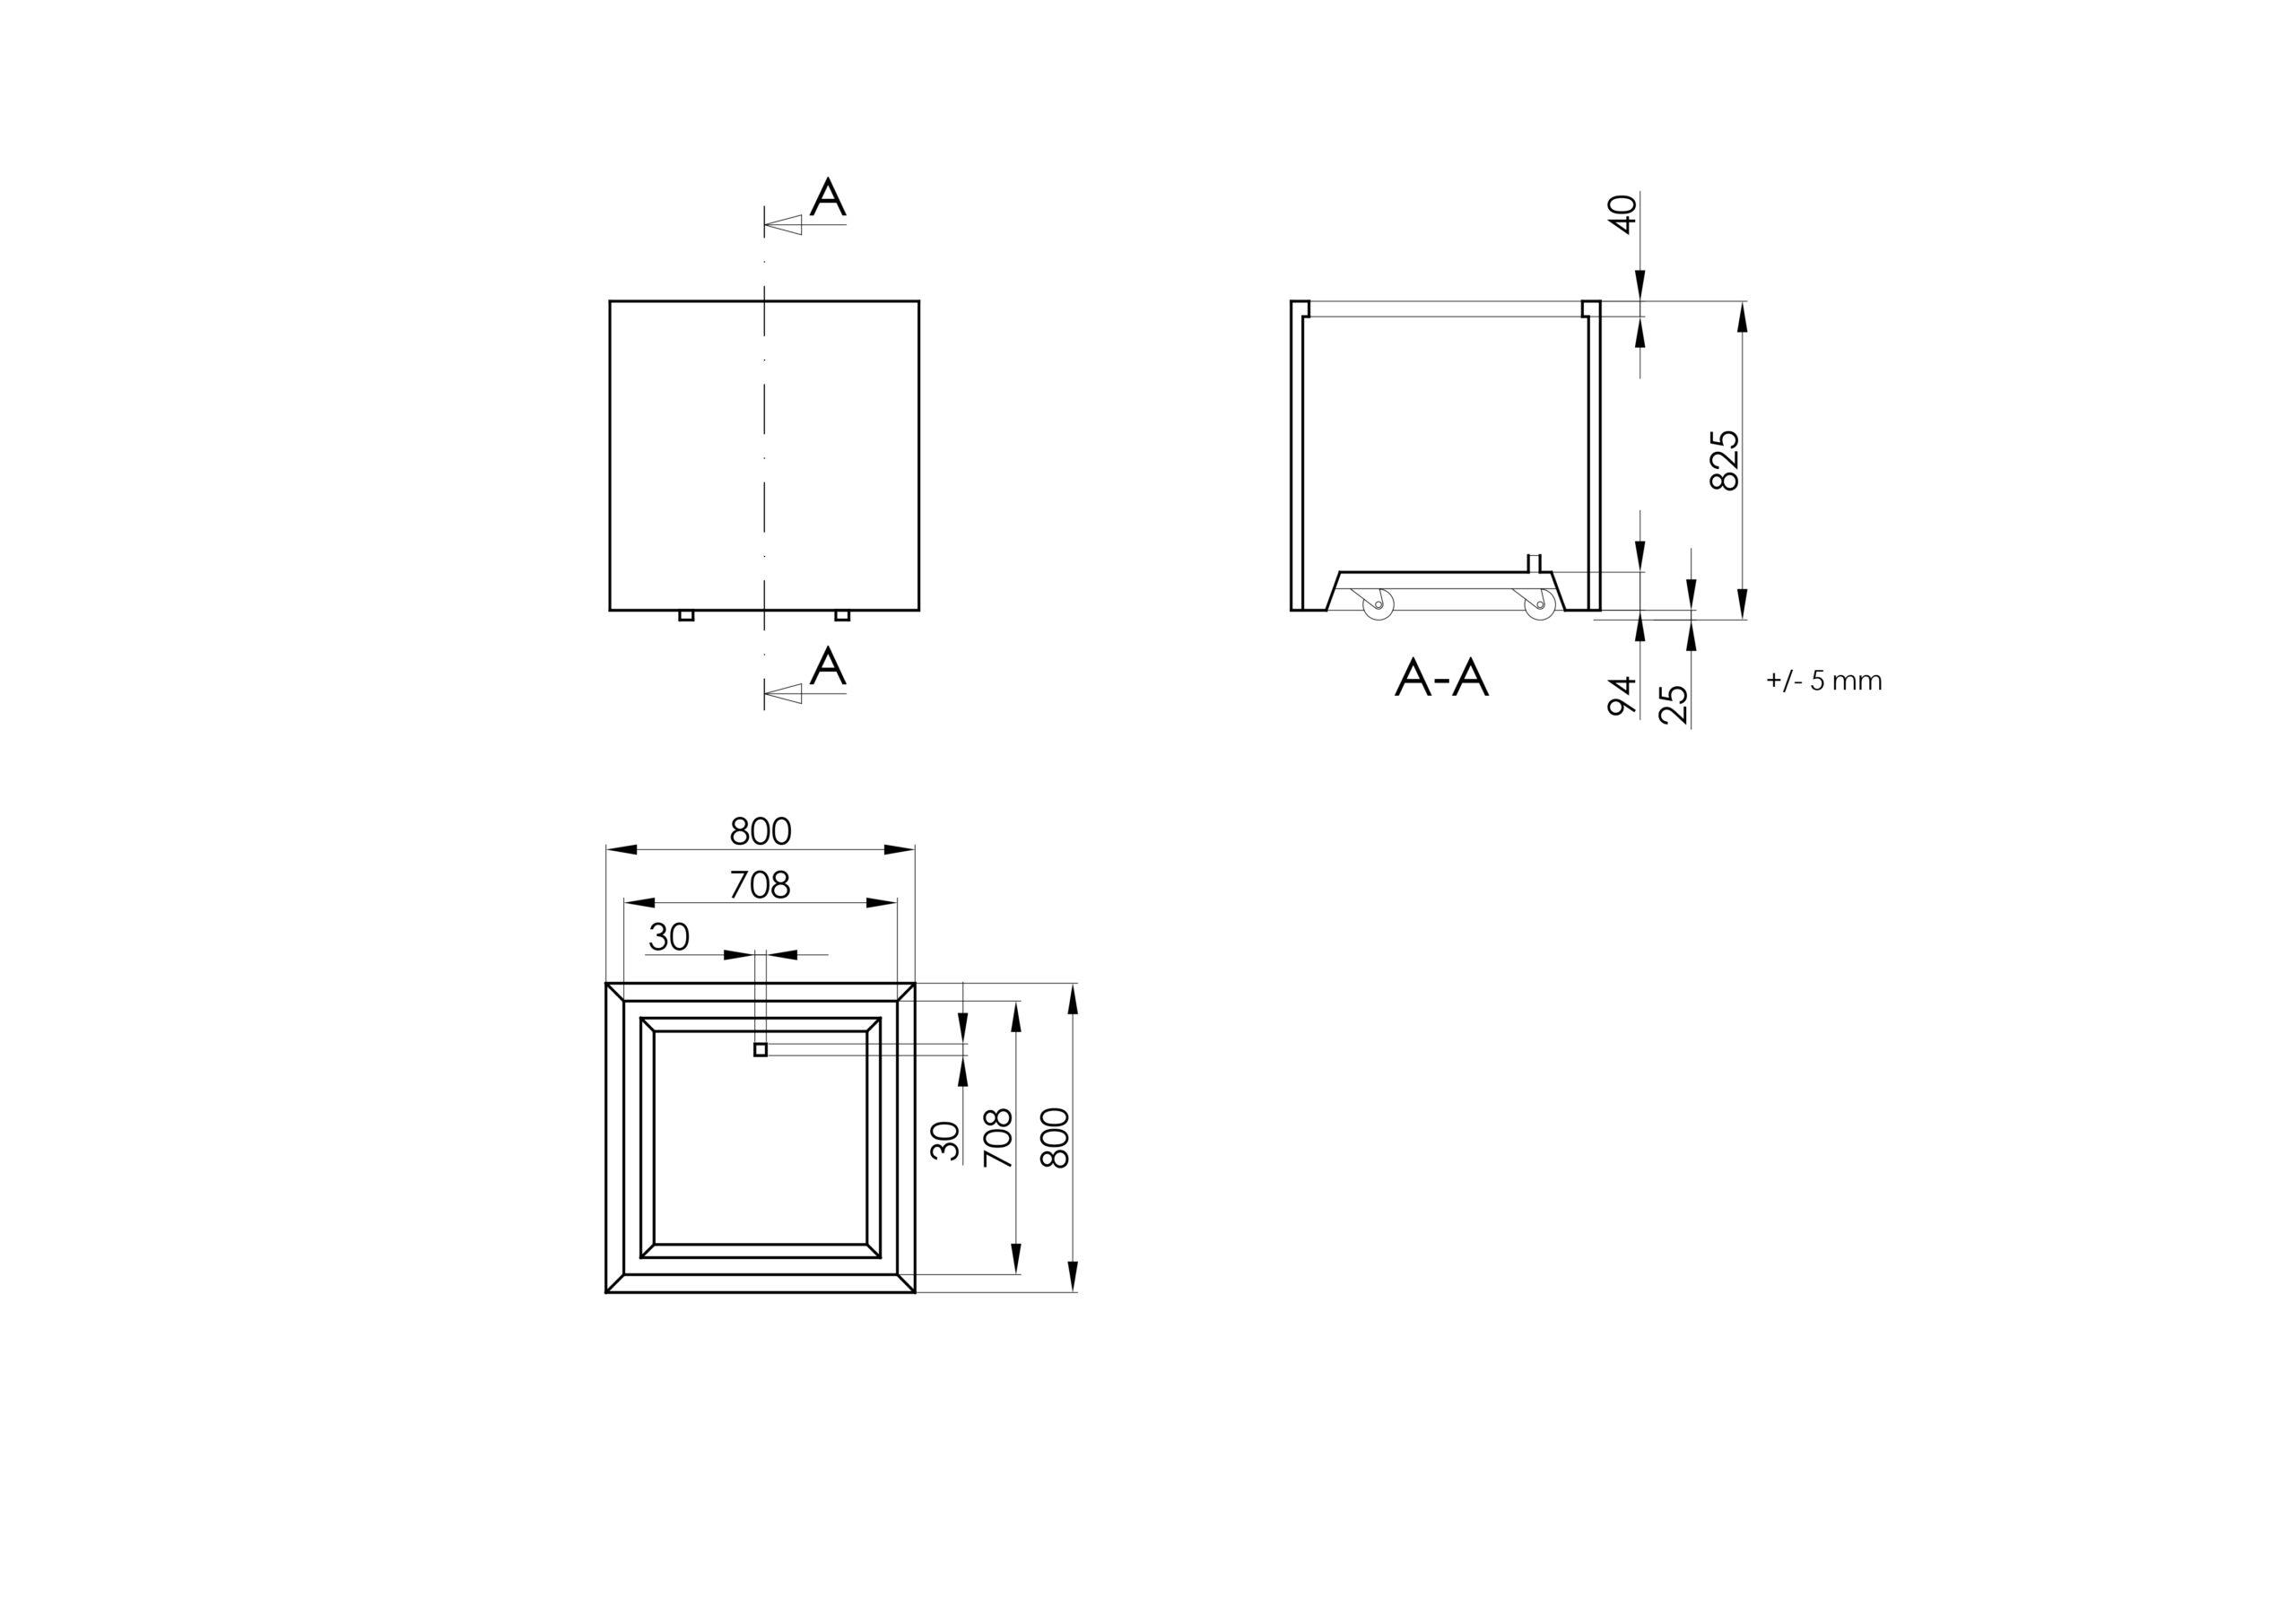 Ernesto - Technisches Zeichnen